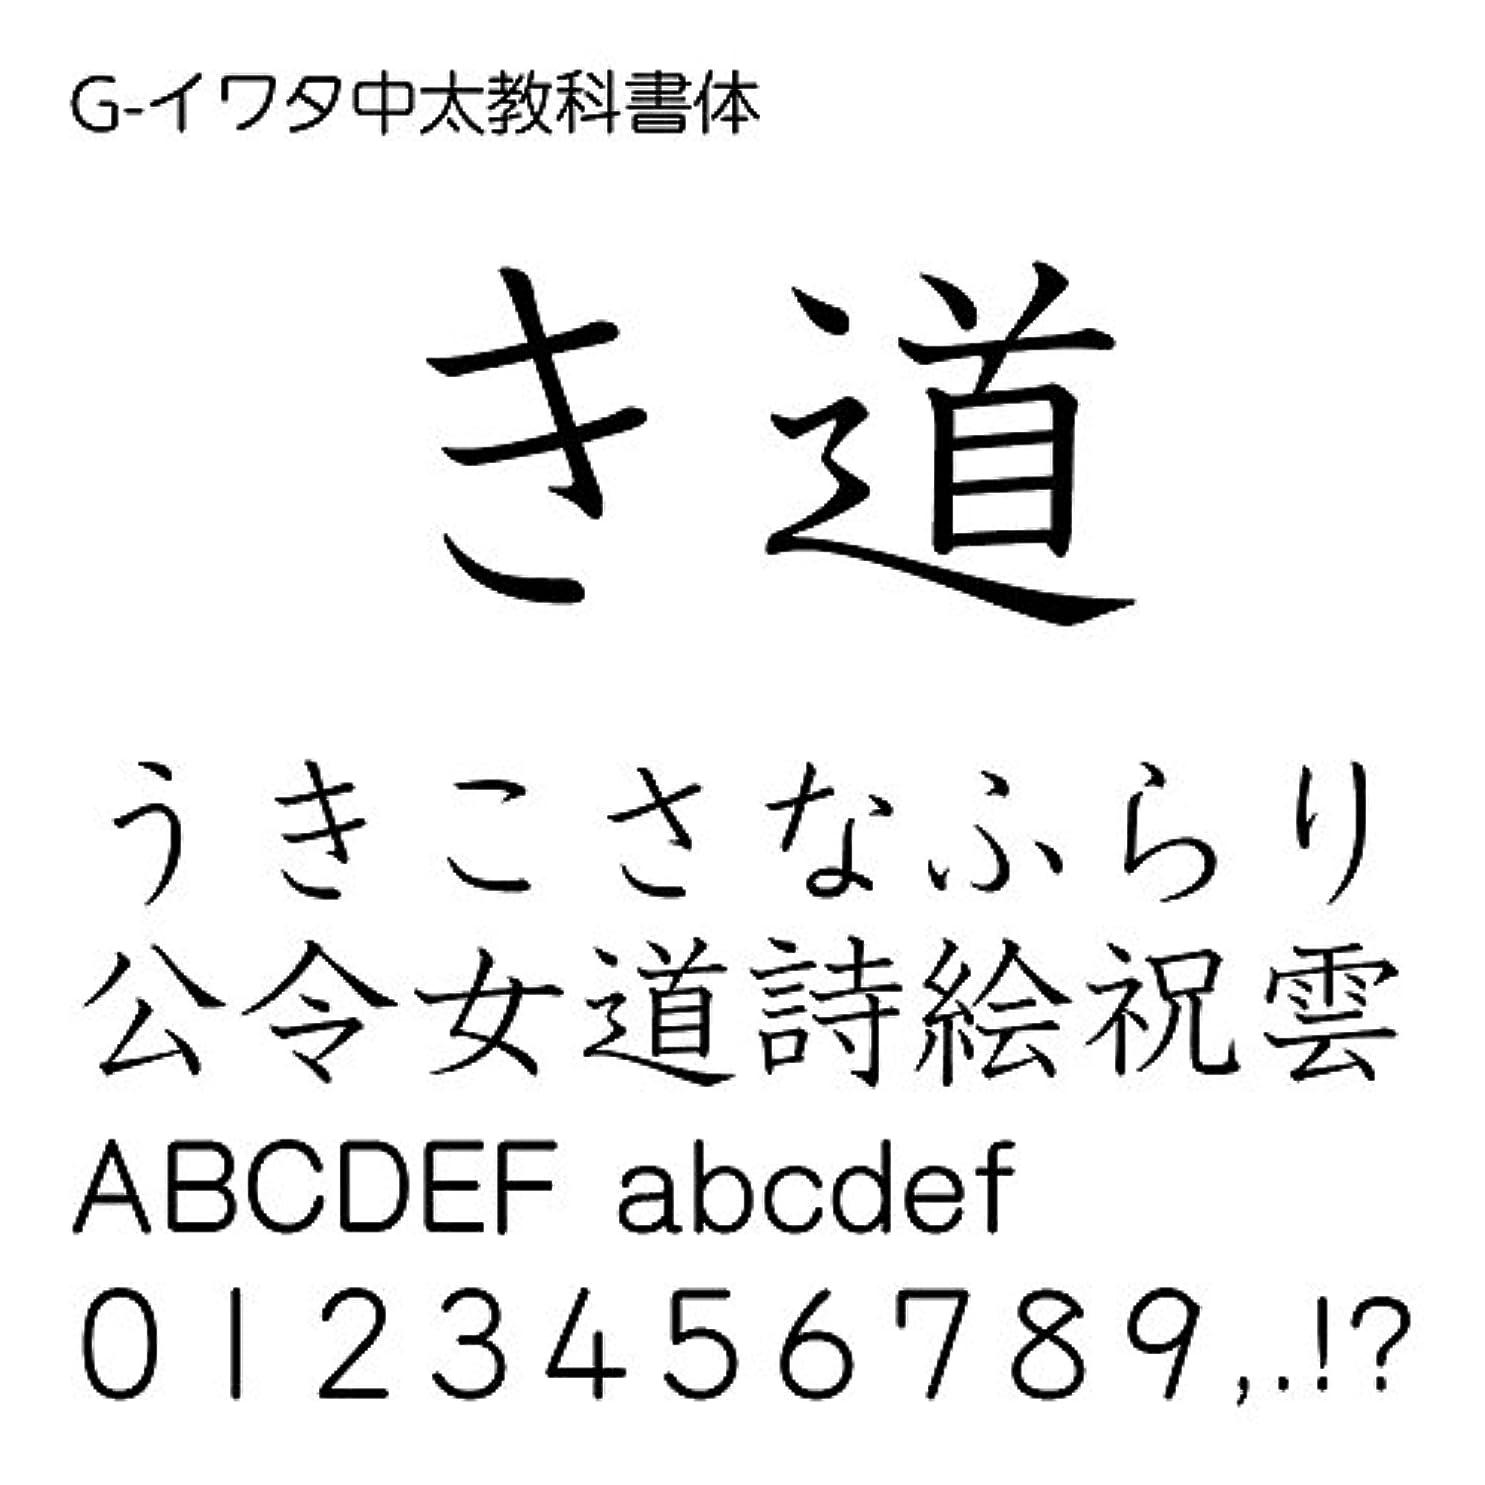 ランデブー擬人ハイジャックG-イワタ中太教科書体 TrueType Font for Windows [ダウンロード]